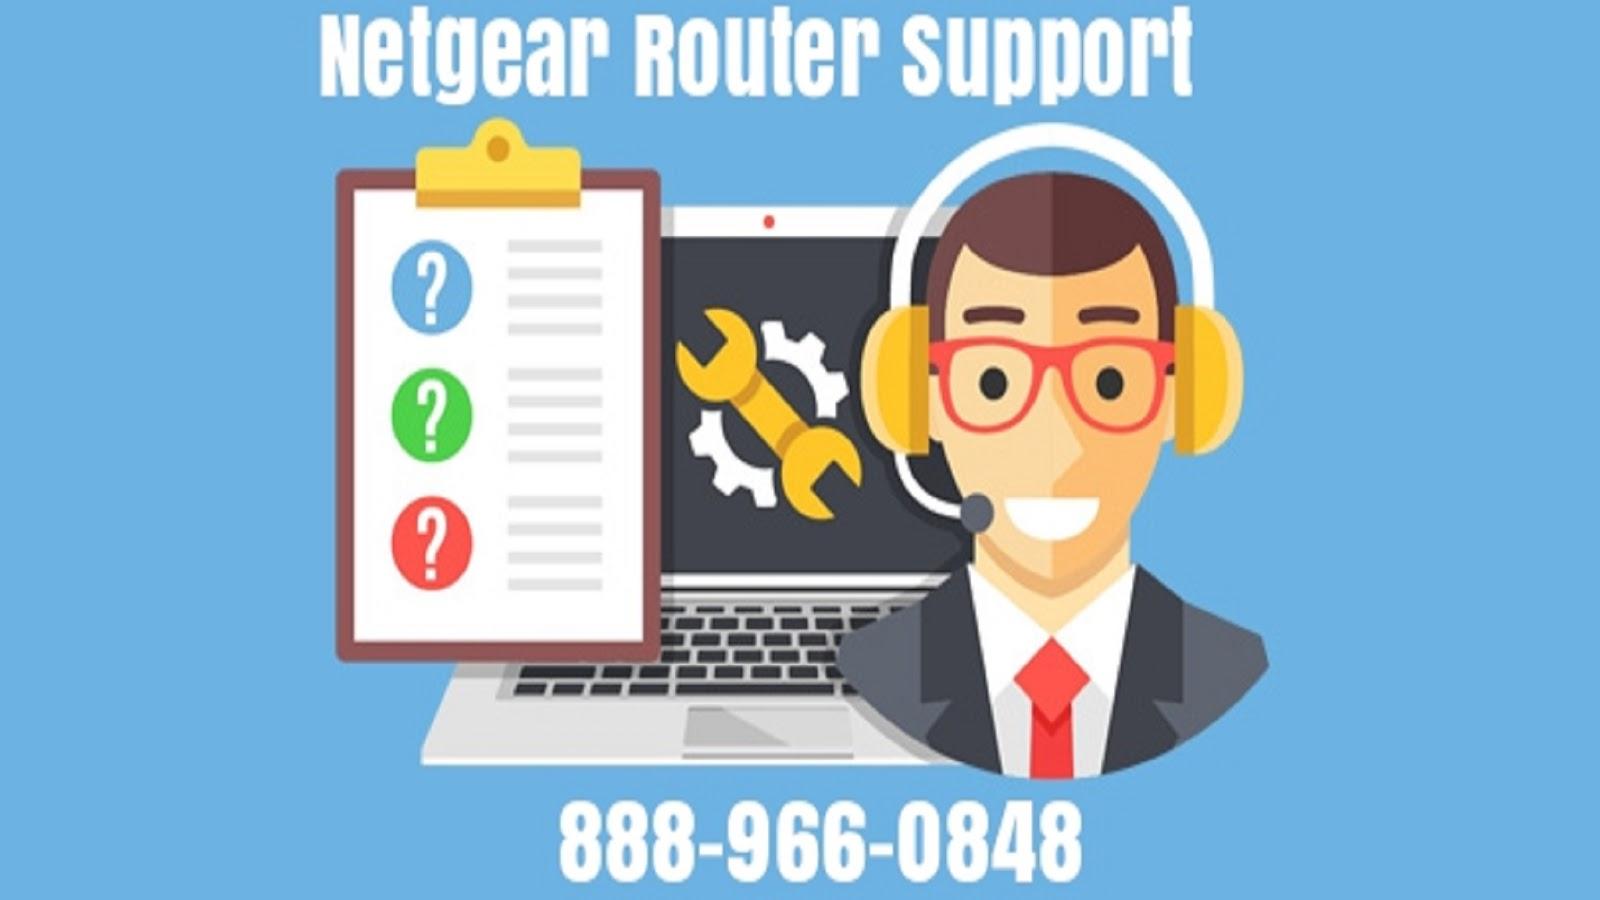 routerlogin net setup | Netgear Router login not working